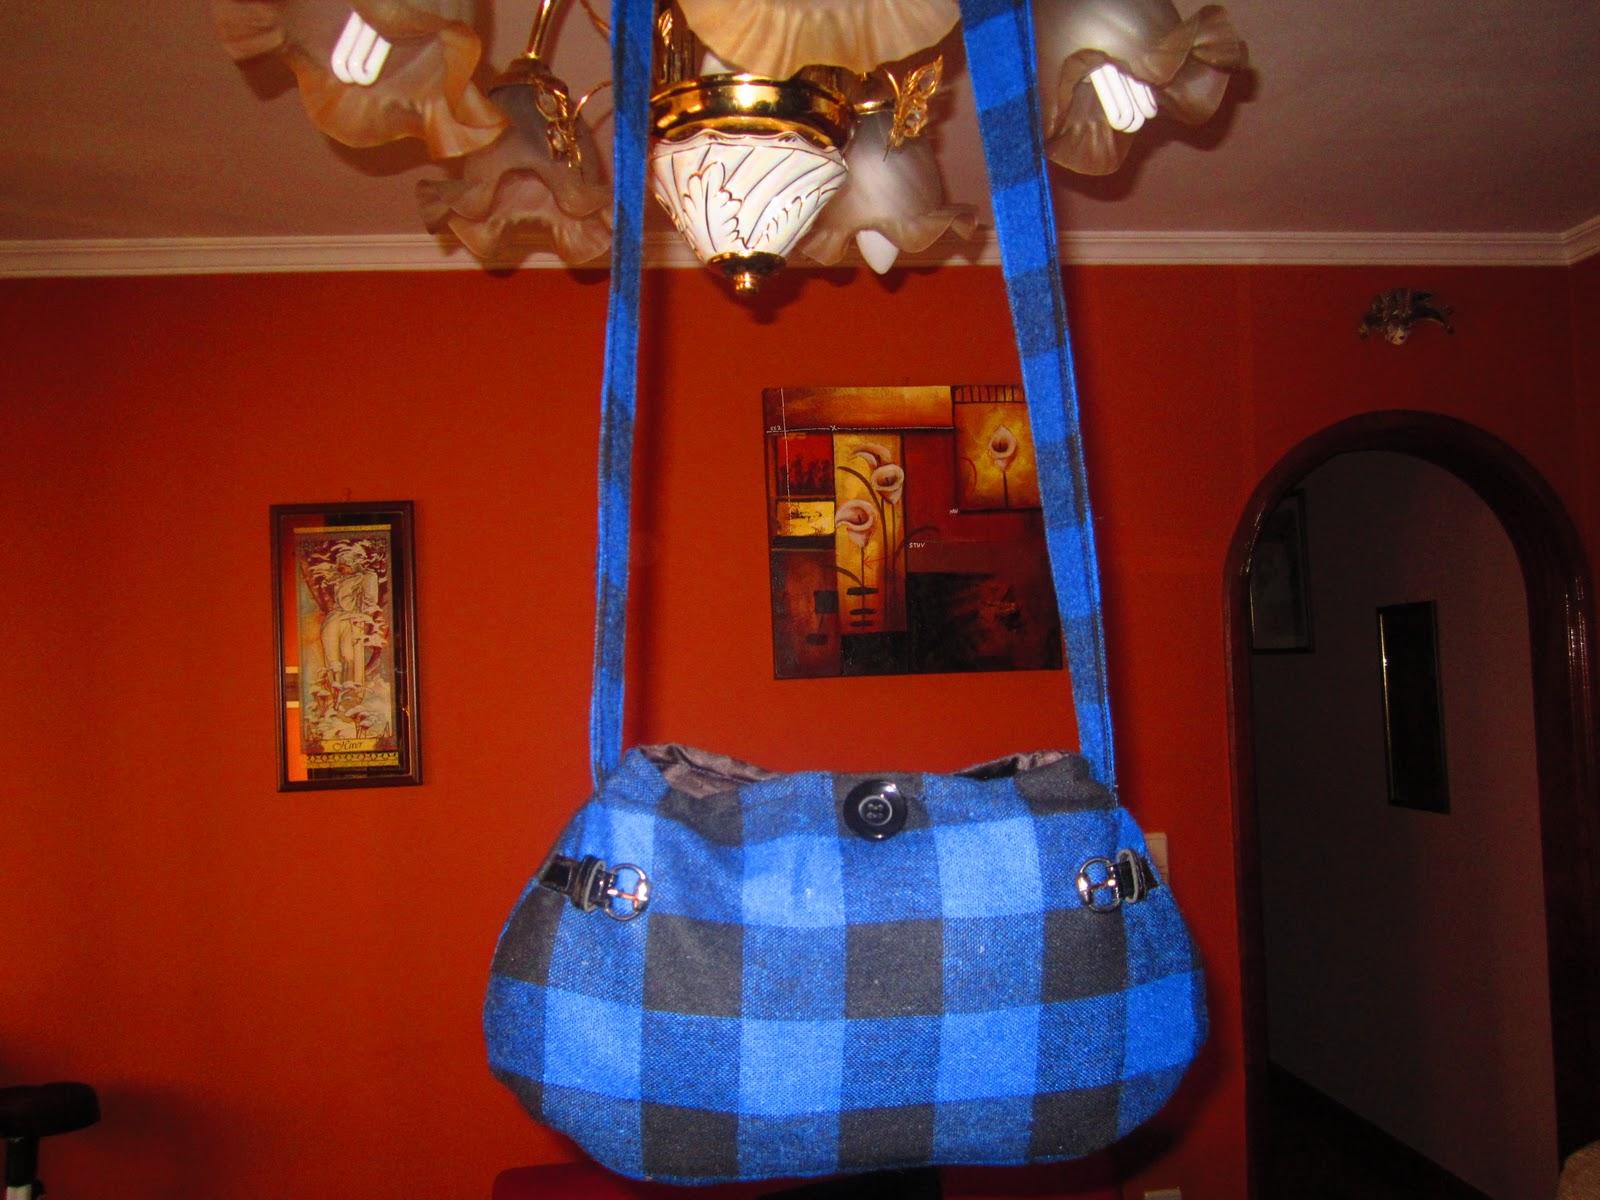 Bolsa De Tecido Linda : Artes da linda bolsa de tecido